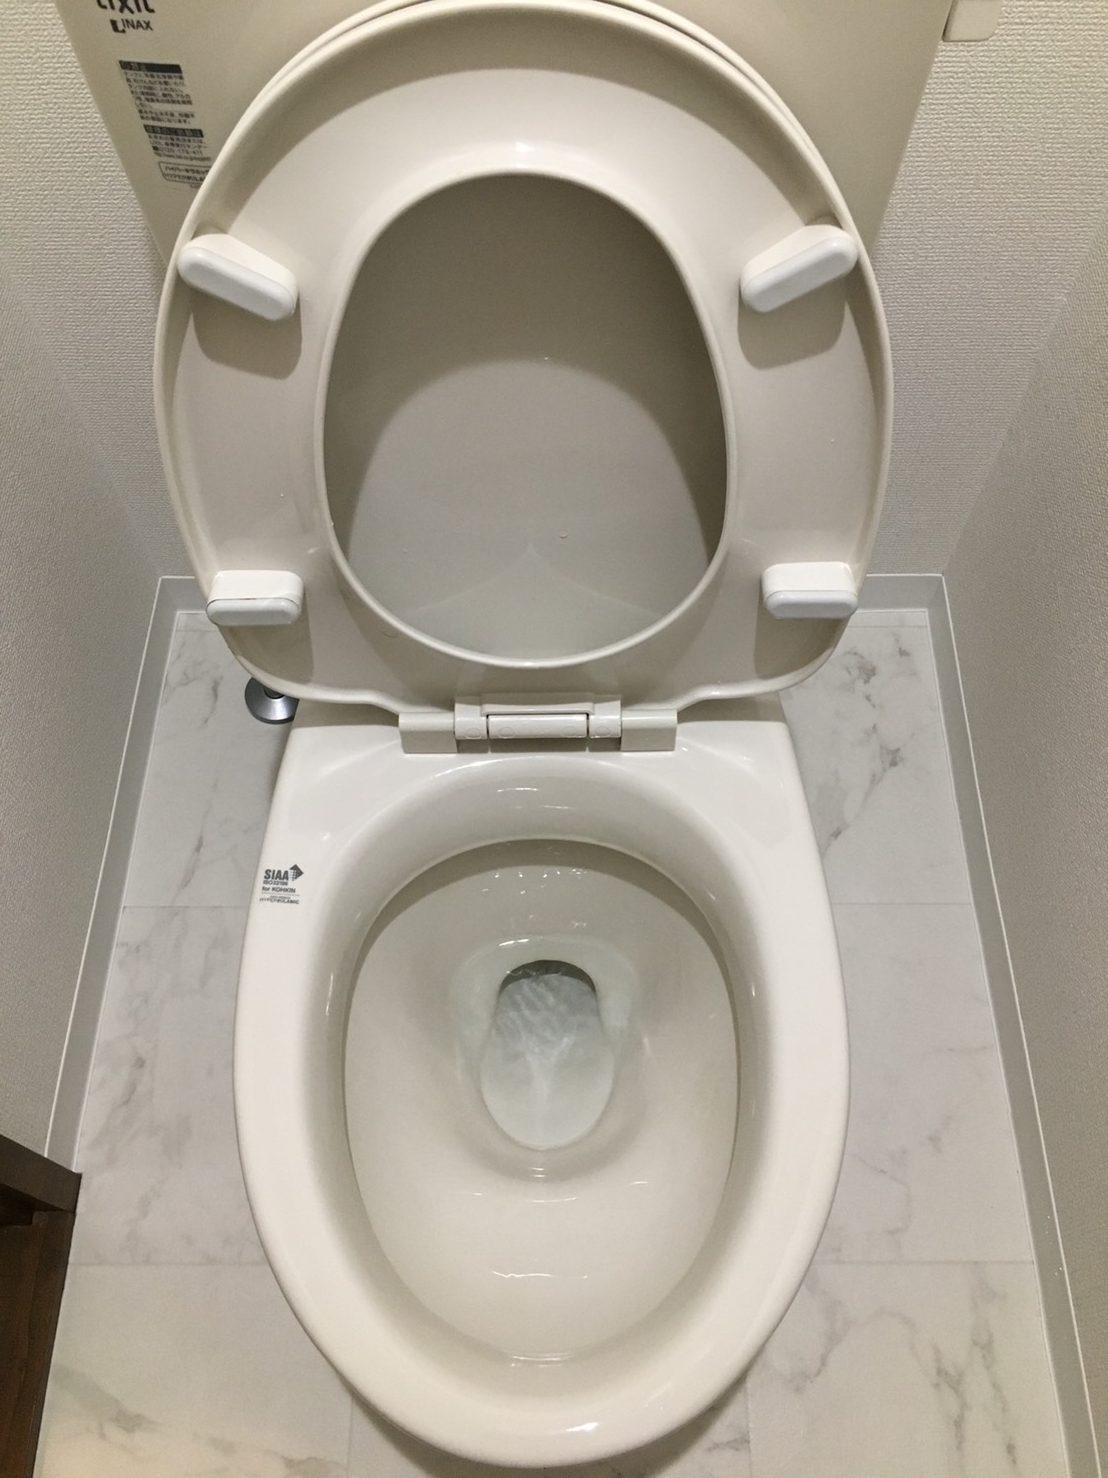 トイレ清掃 伊丹市 トイレ清掃ハウスクリーニング、ドロドロ汚れ/しつこい汚れを徹底洗浄ピカピカにスッキリきれい!トイレをきれいなまま使い続けるためにも、ぜひプロのおそうじプラスにお任せください!